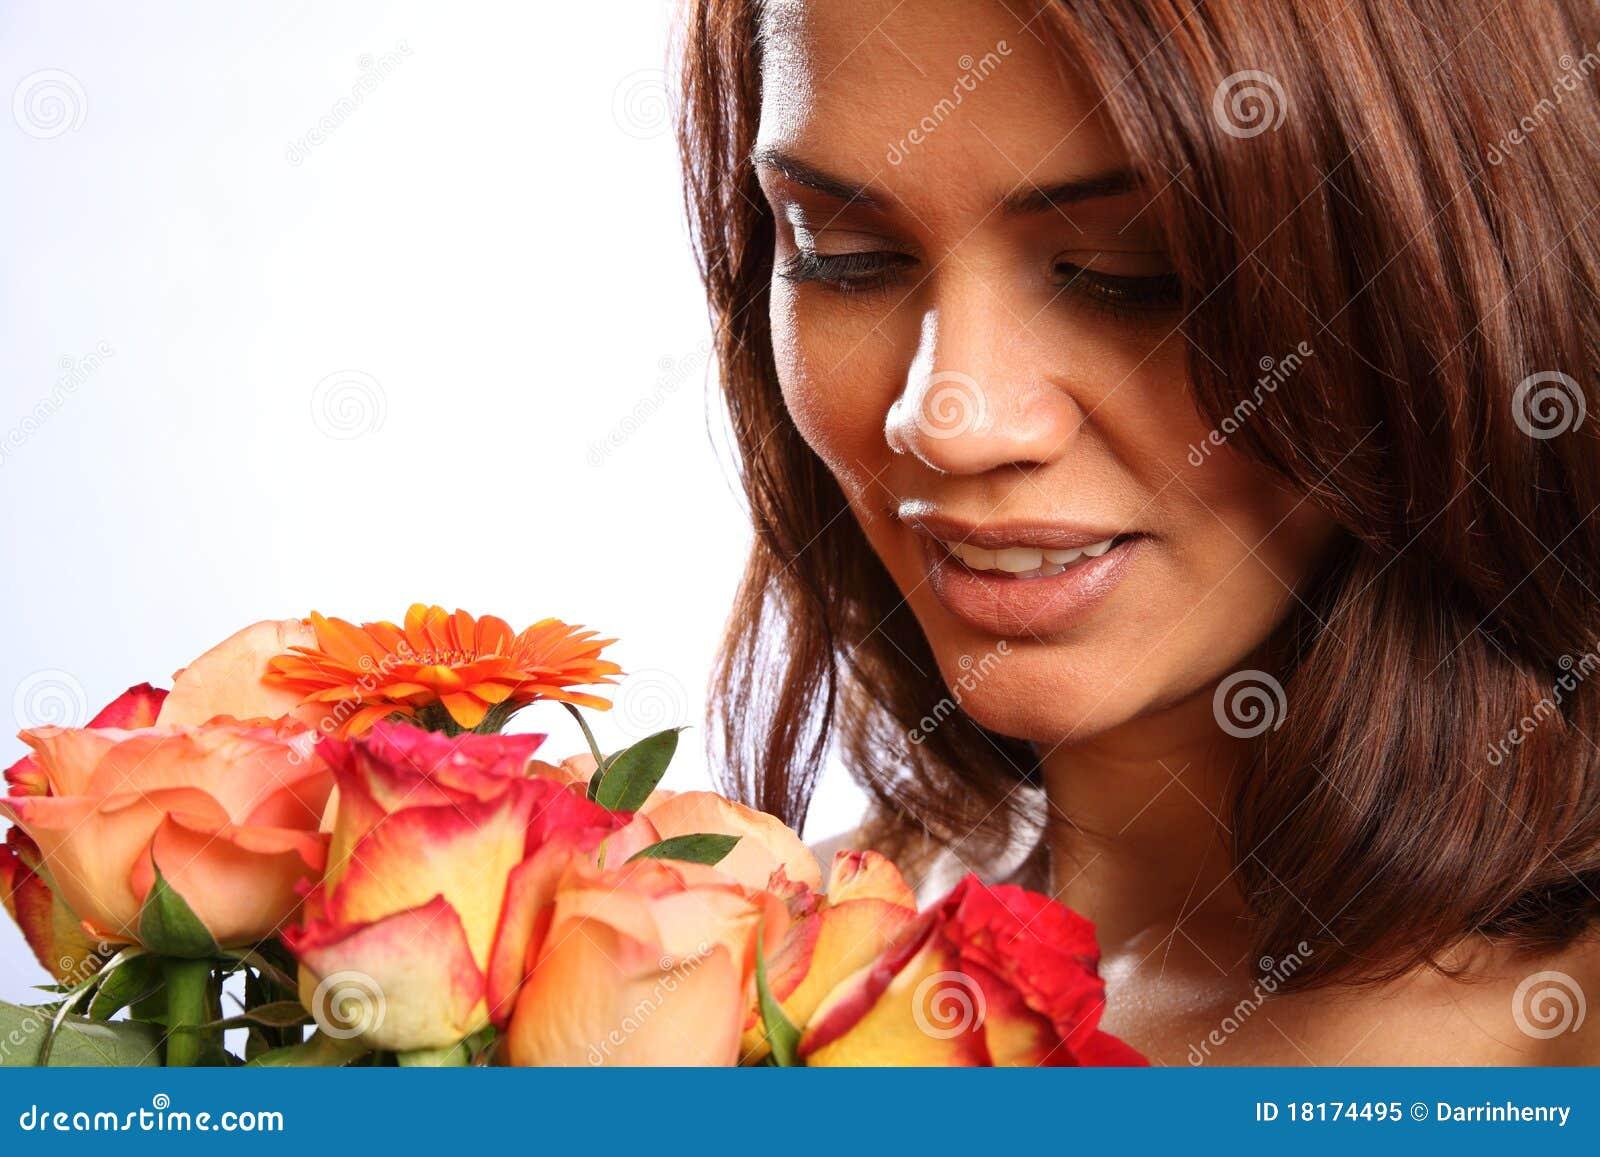 Junge Frau empfängt schönen Blumenstrauß